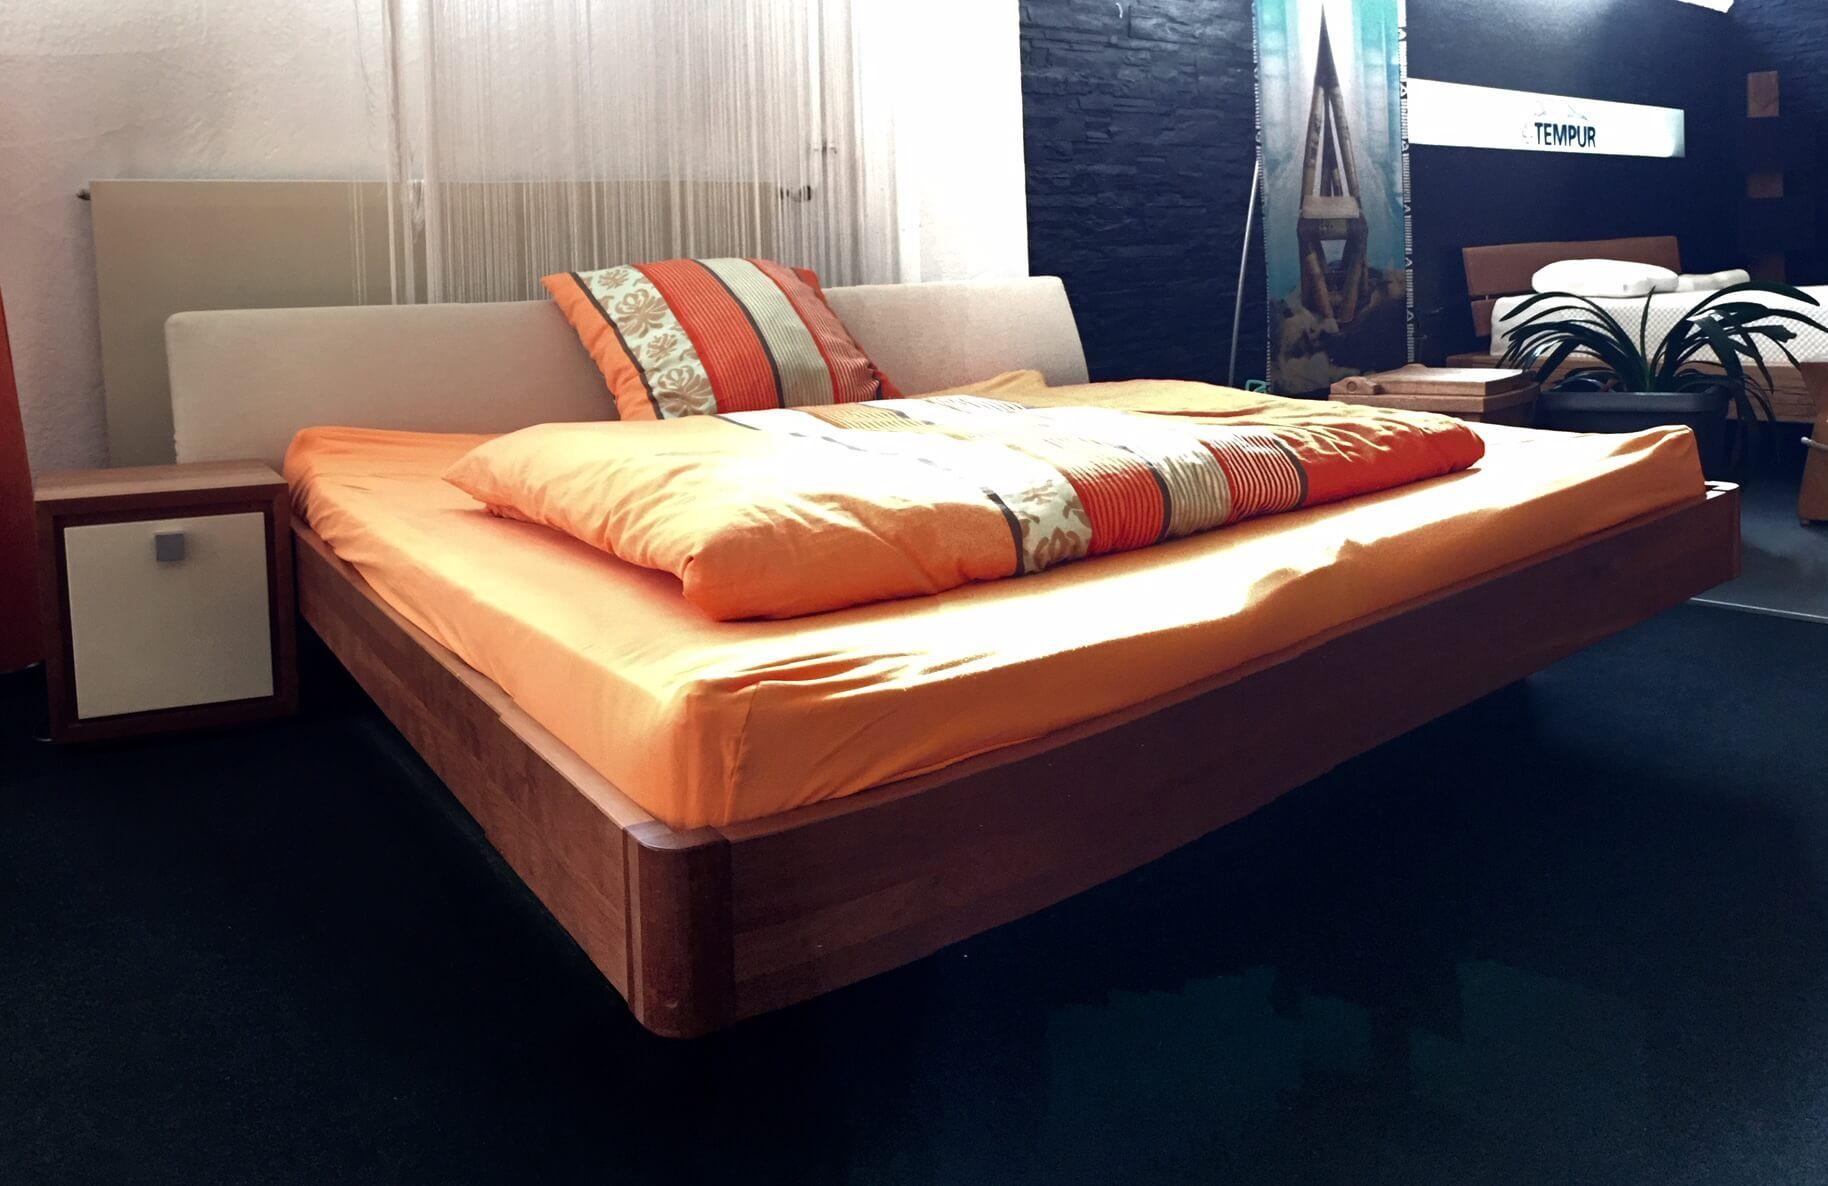 ZACK Design Bett Rahmen in Massivholz mit Kopfteil und Beitisch als Ausstellungsstück zum Sonderpreis bei BESTBED in Würzburg. Verbaut: INSIDE Wasserbett